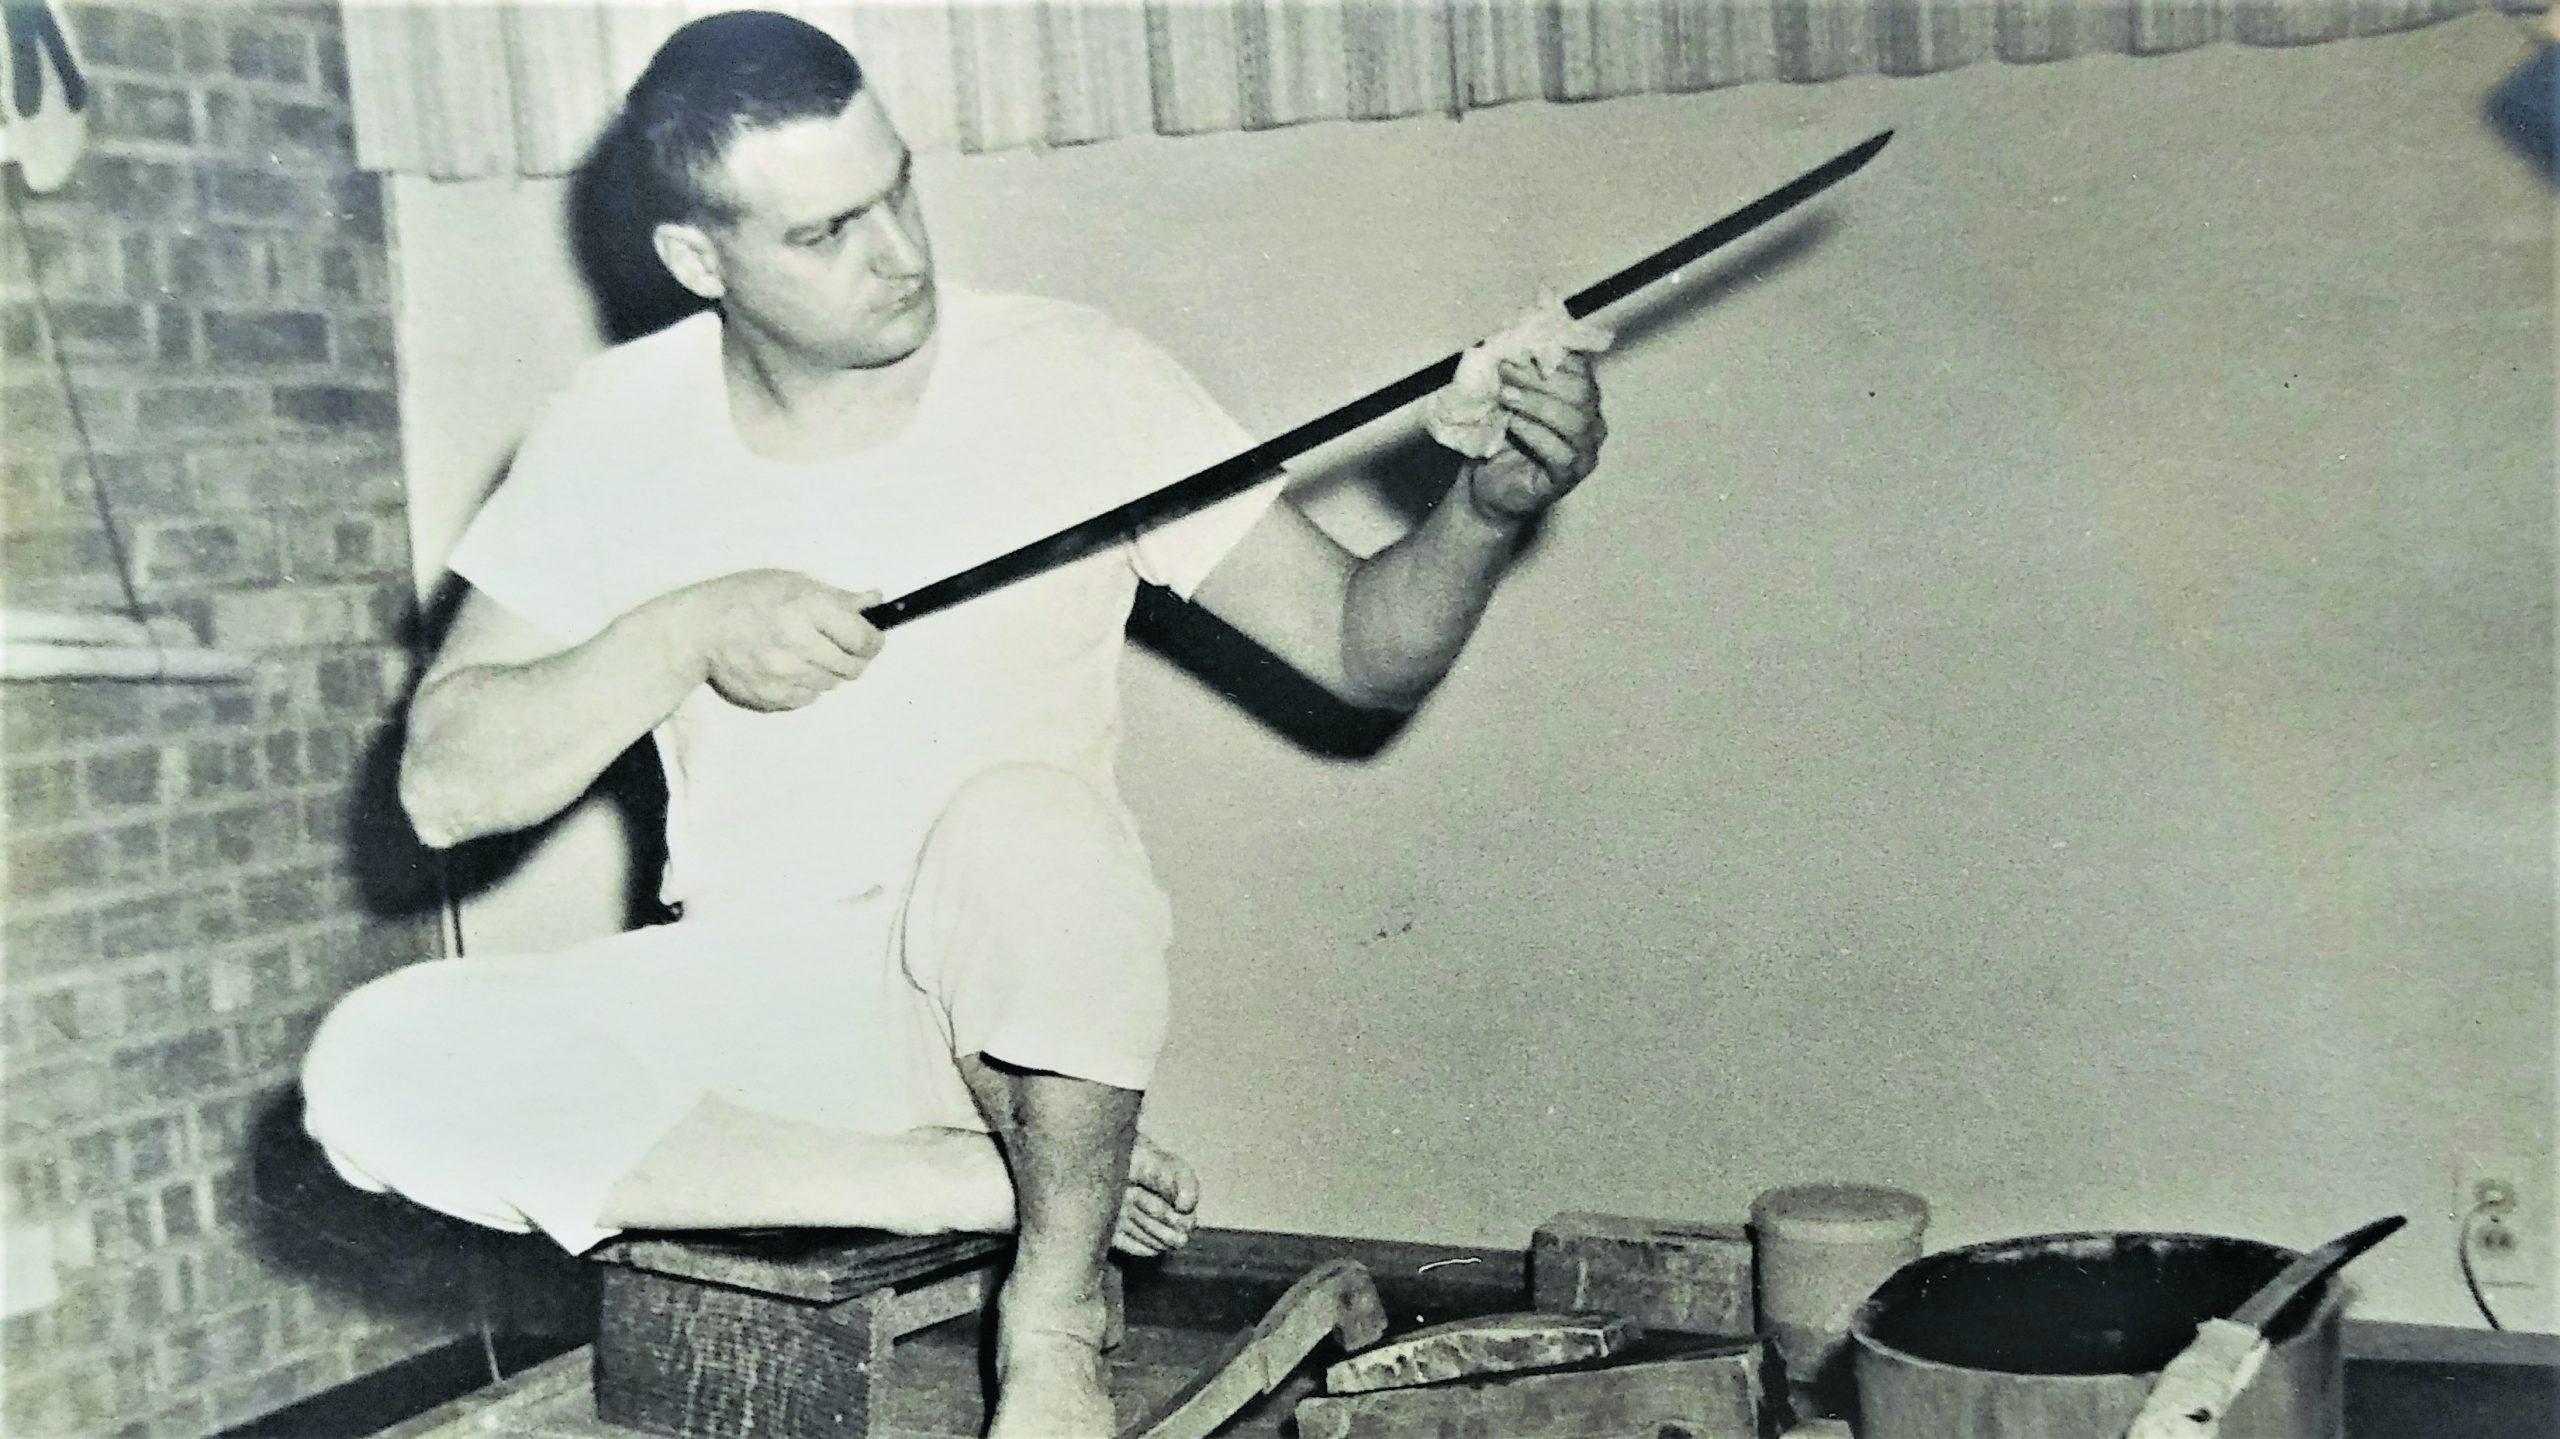 Robert Benson, then 31, working on a blade in 1968 in Albuquerque, New Mexico. (Photo courtesy Robert Benson)